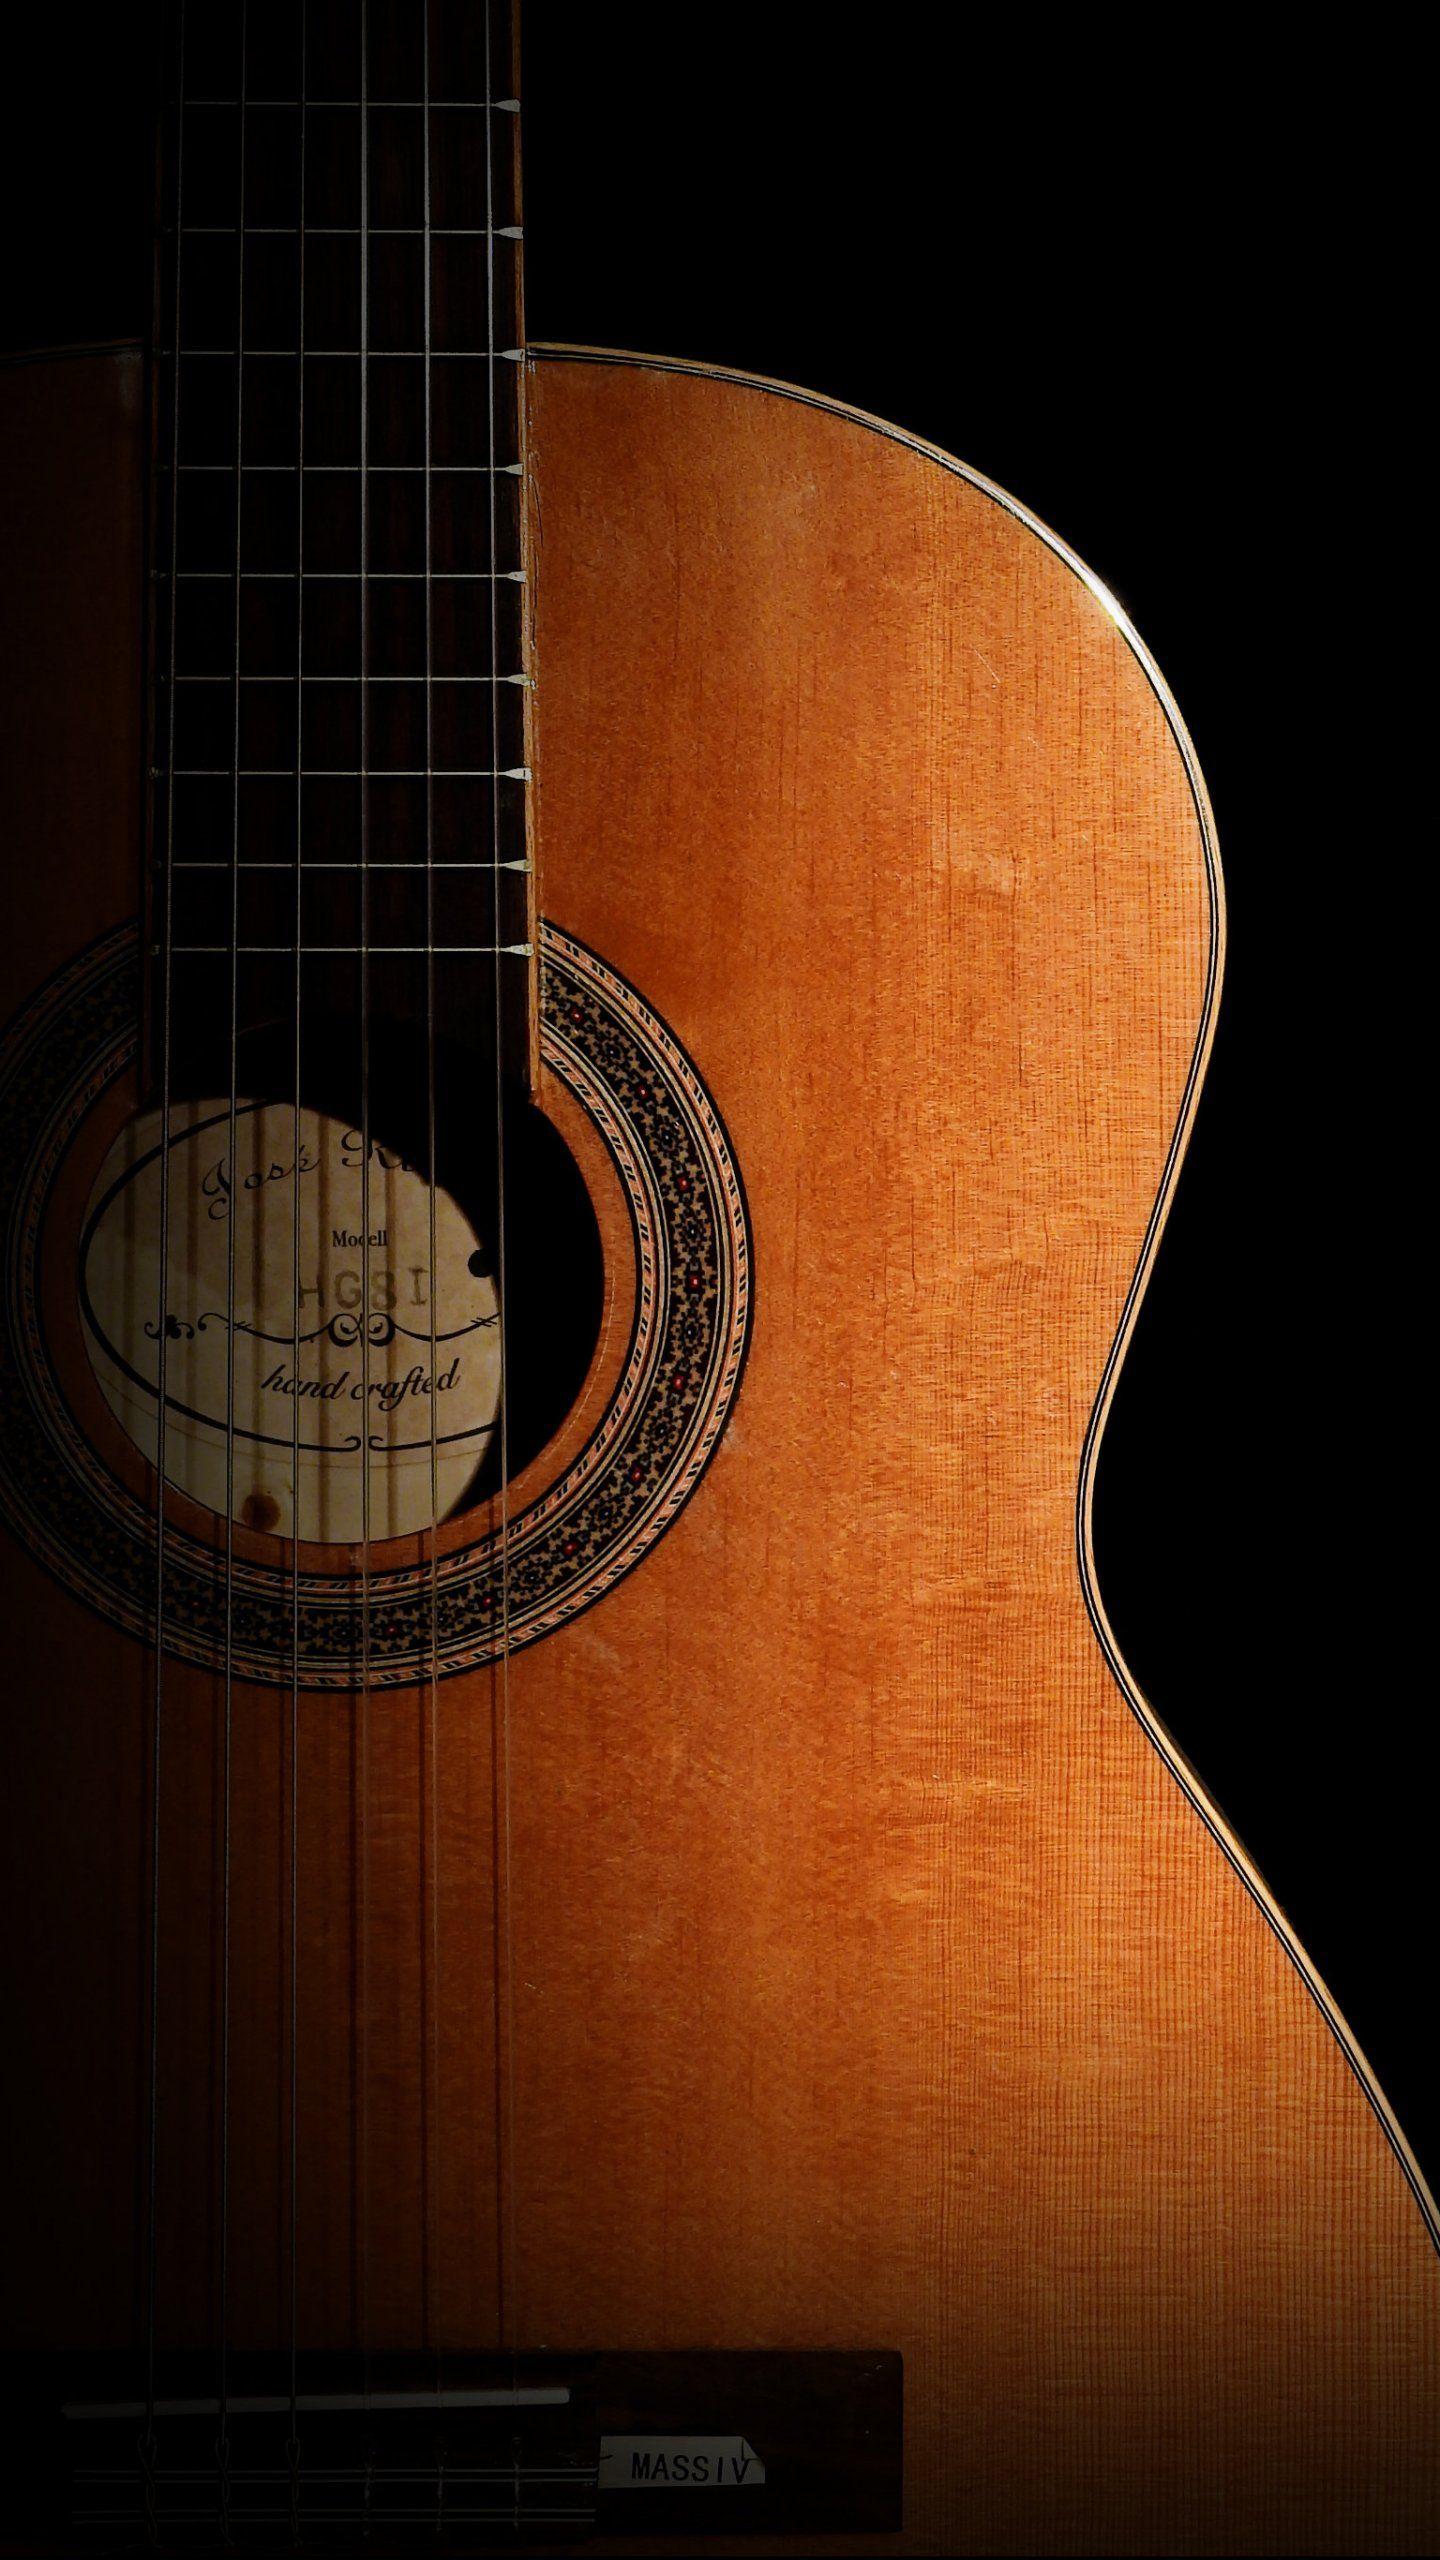 Guitar Wallpaper Iphone Android Desktop Backgrounds Guitar Wallpaper Iphone Acoustic Guitar Photography Acoustic Guitar